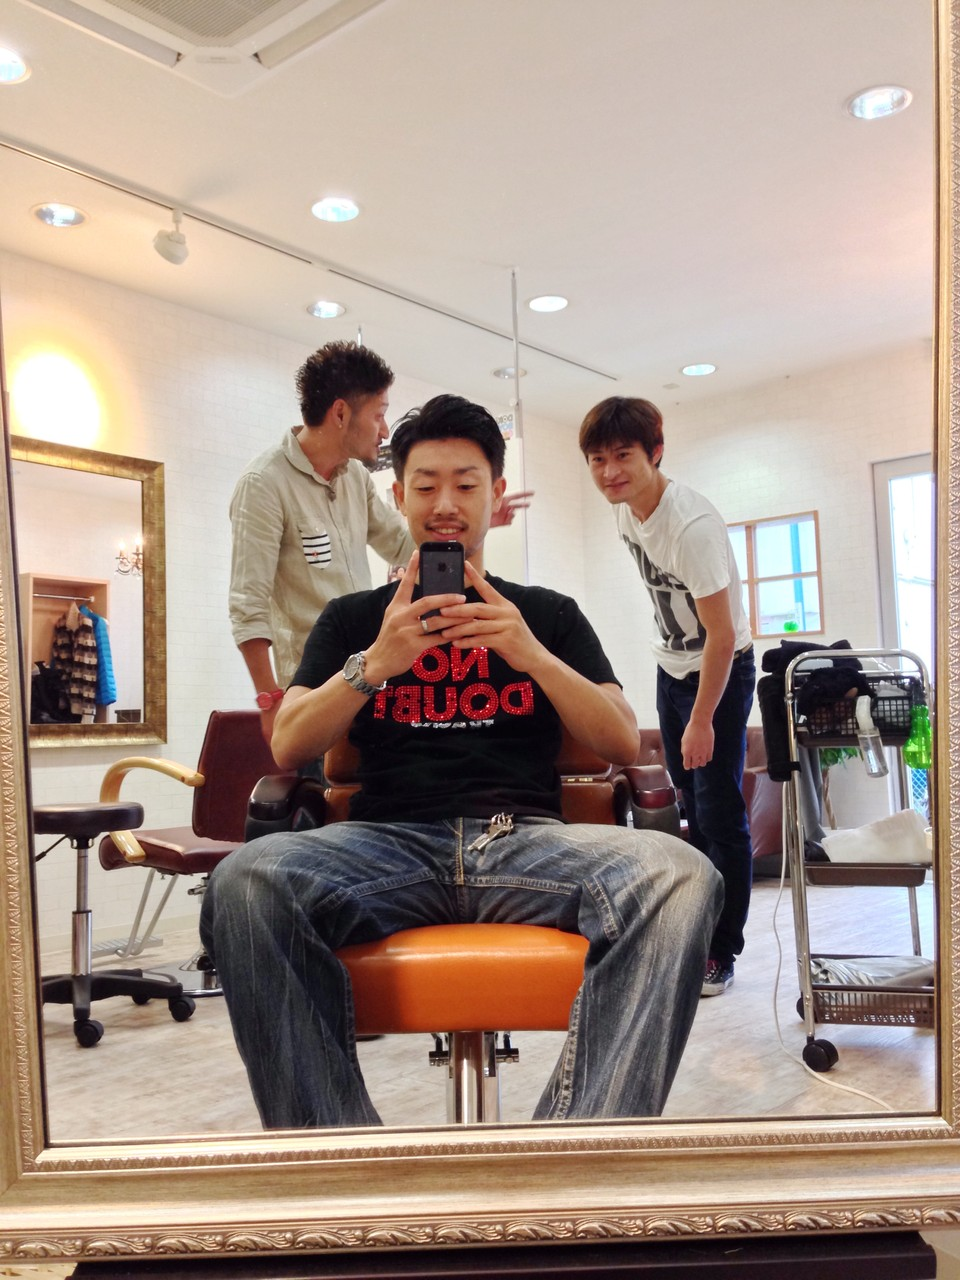 須加尾の弟さんのお店<美容室BONOS>で葉石と約束してたのに、寝坊してきた須加尾。(画像をクリックすると美容室へGOします。)